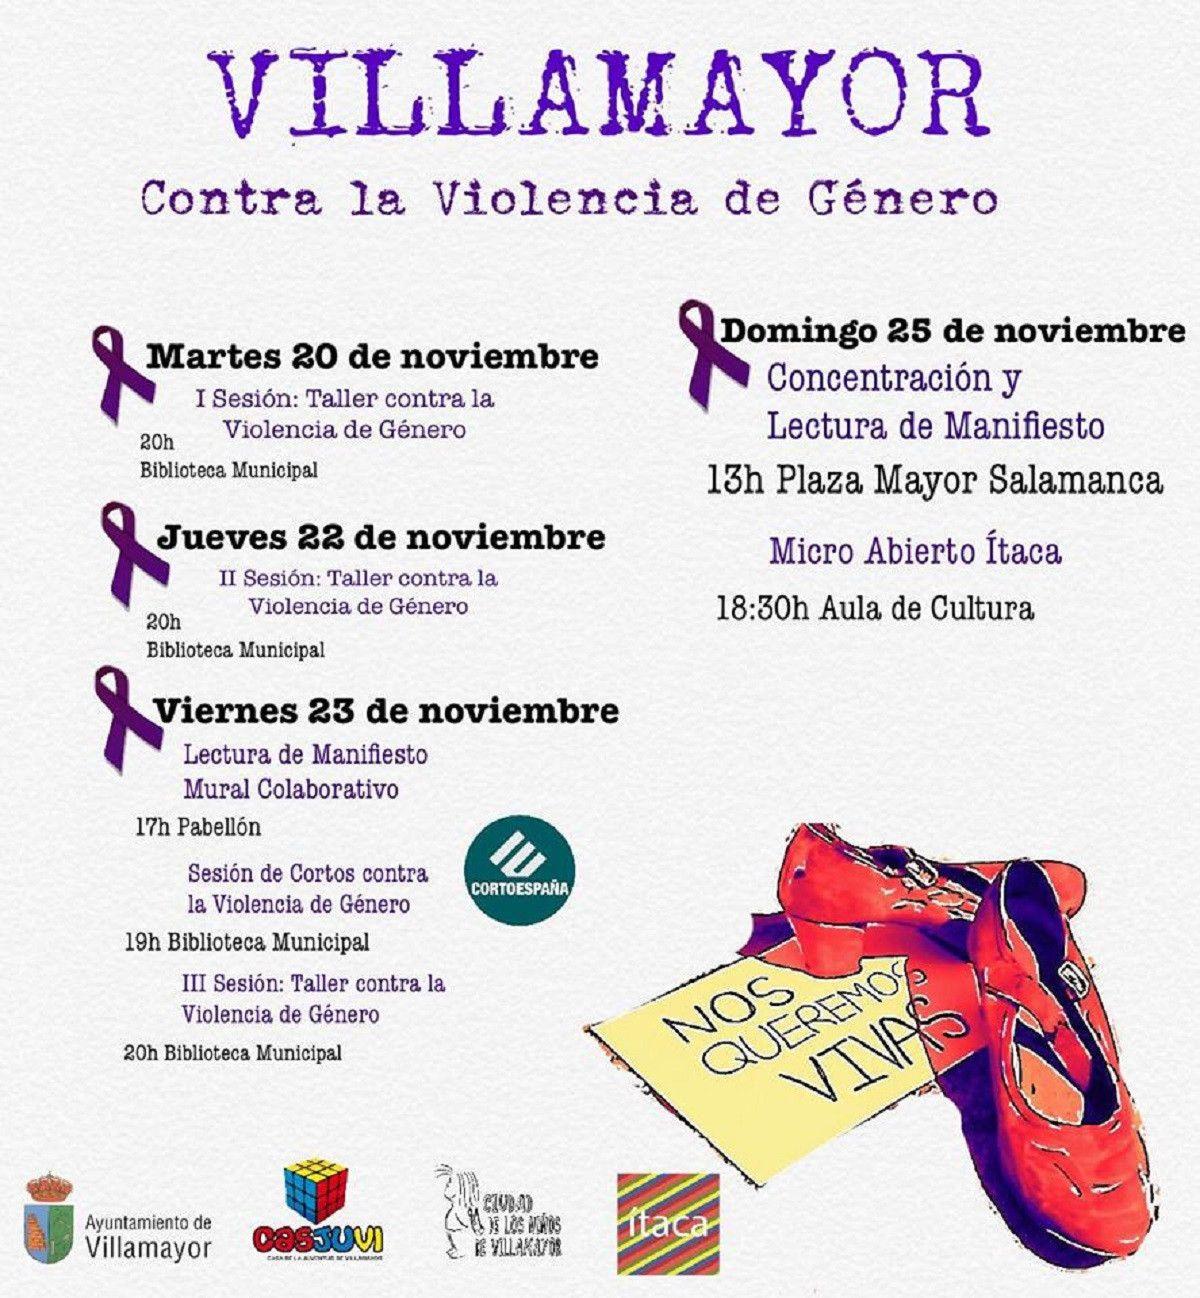 Cartel Villamayor Violencia de Genero